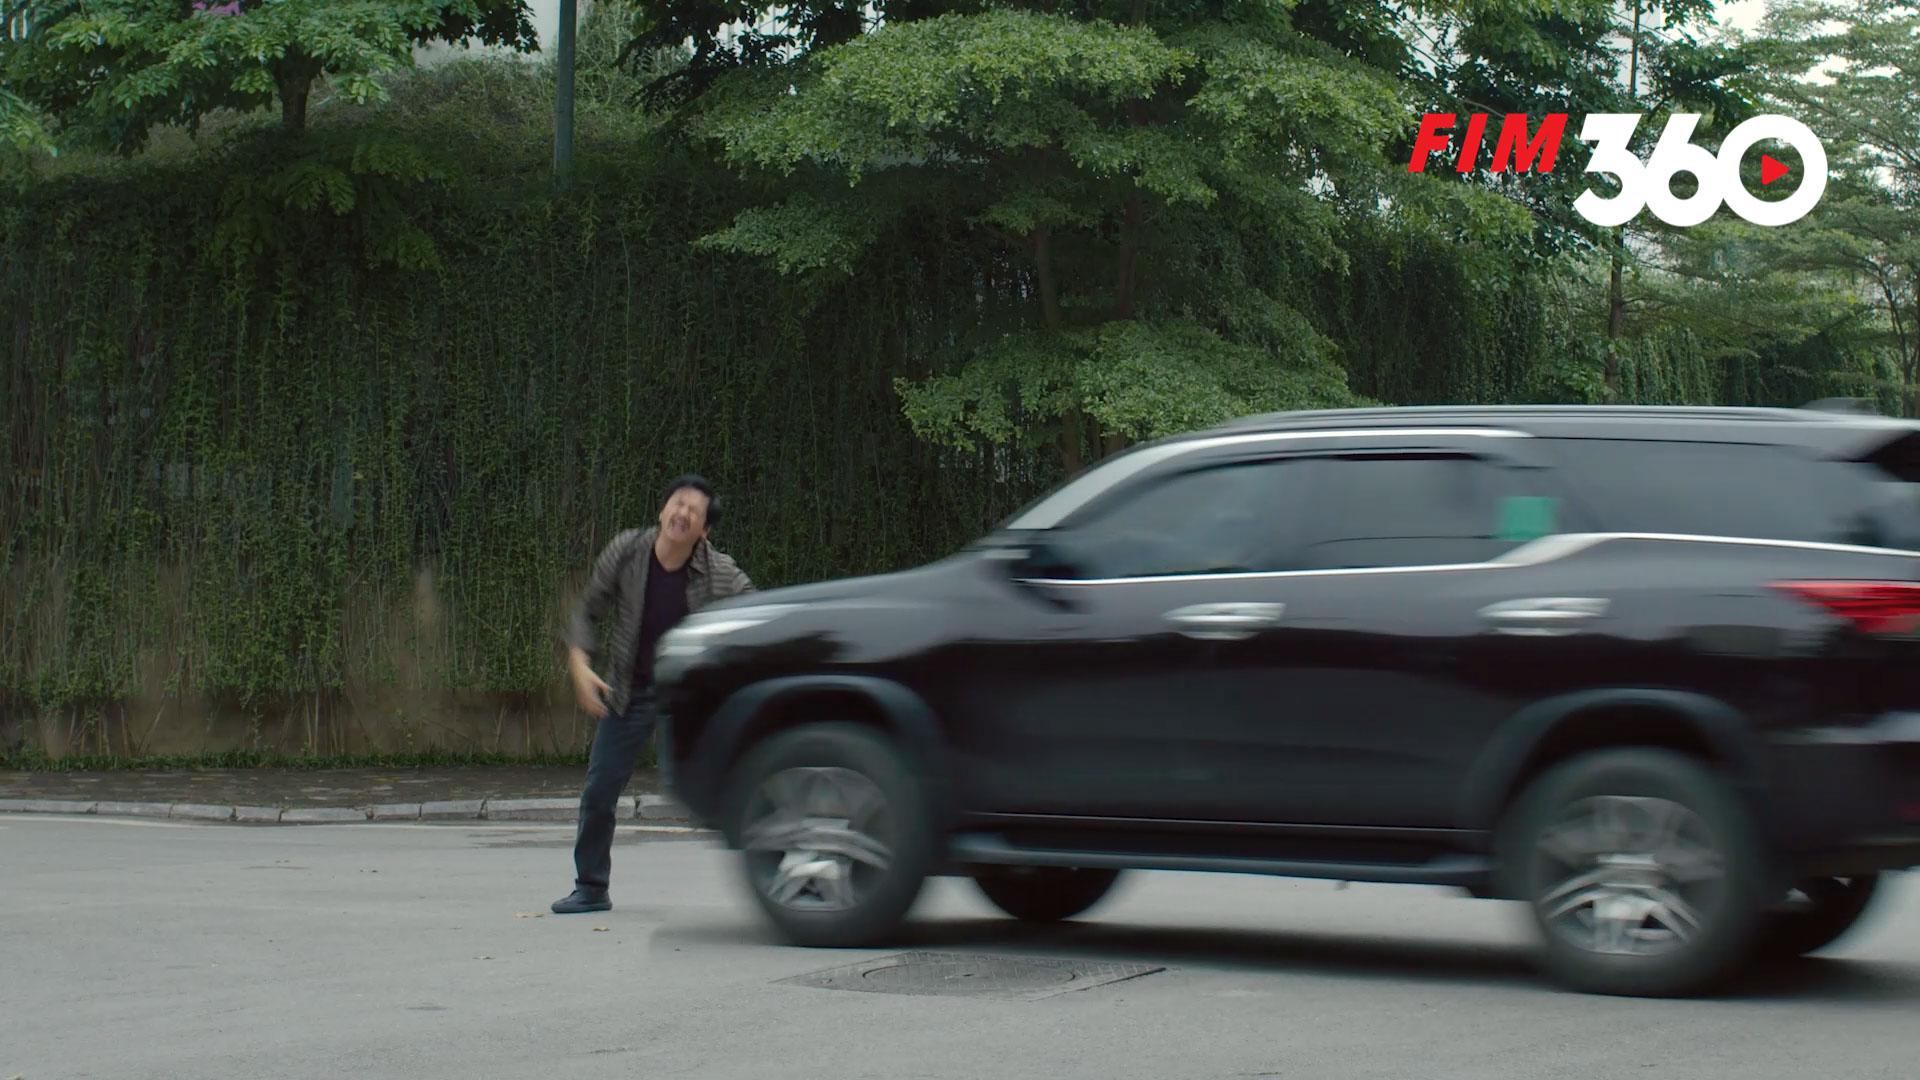 Ông Tôn 'lật bài ngửa', tuyên bố Huấn không thể cướp lấy Hà Vy trong tập 36 'Mặt nạ hạnh phúc' 16